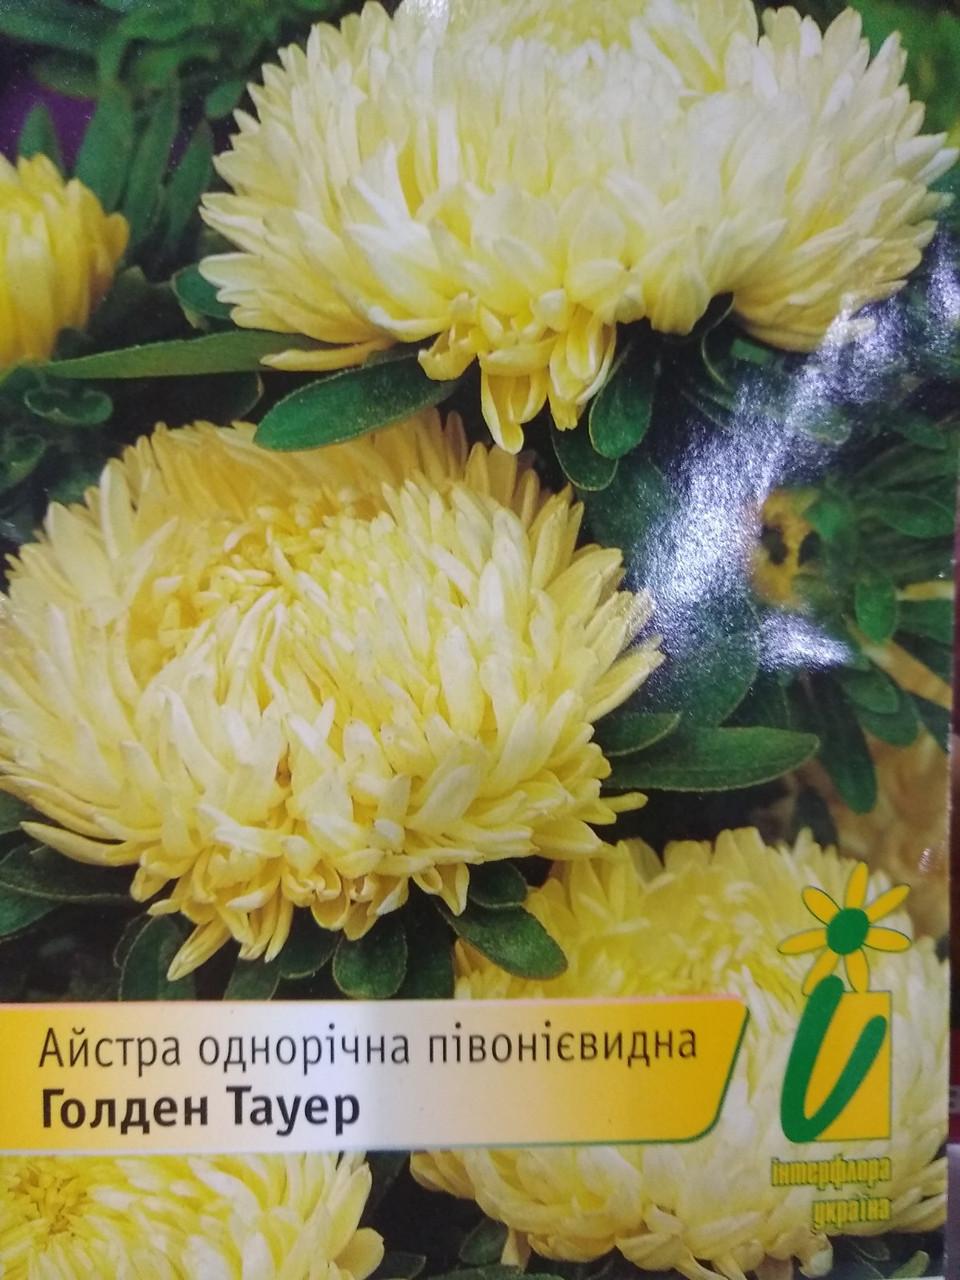 Насіння Астра піоновидна Голден Тауер жовта насіння 10 грам в упаковці Україна